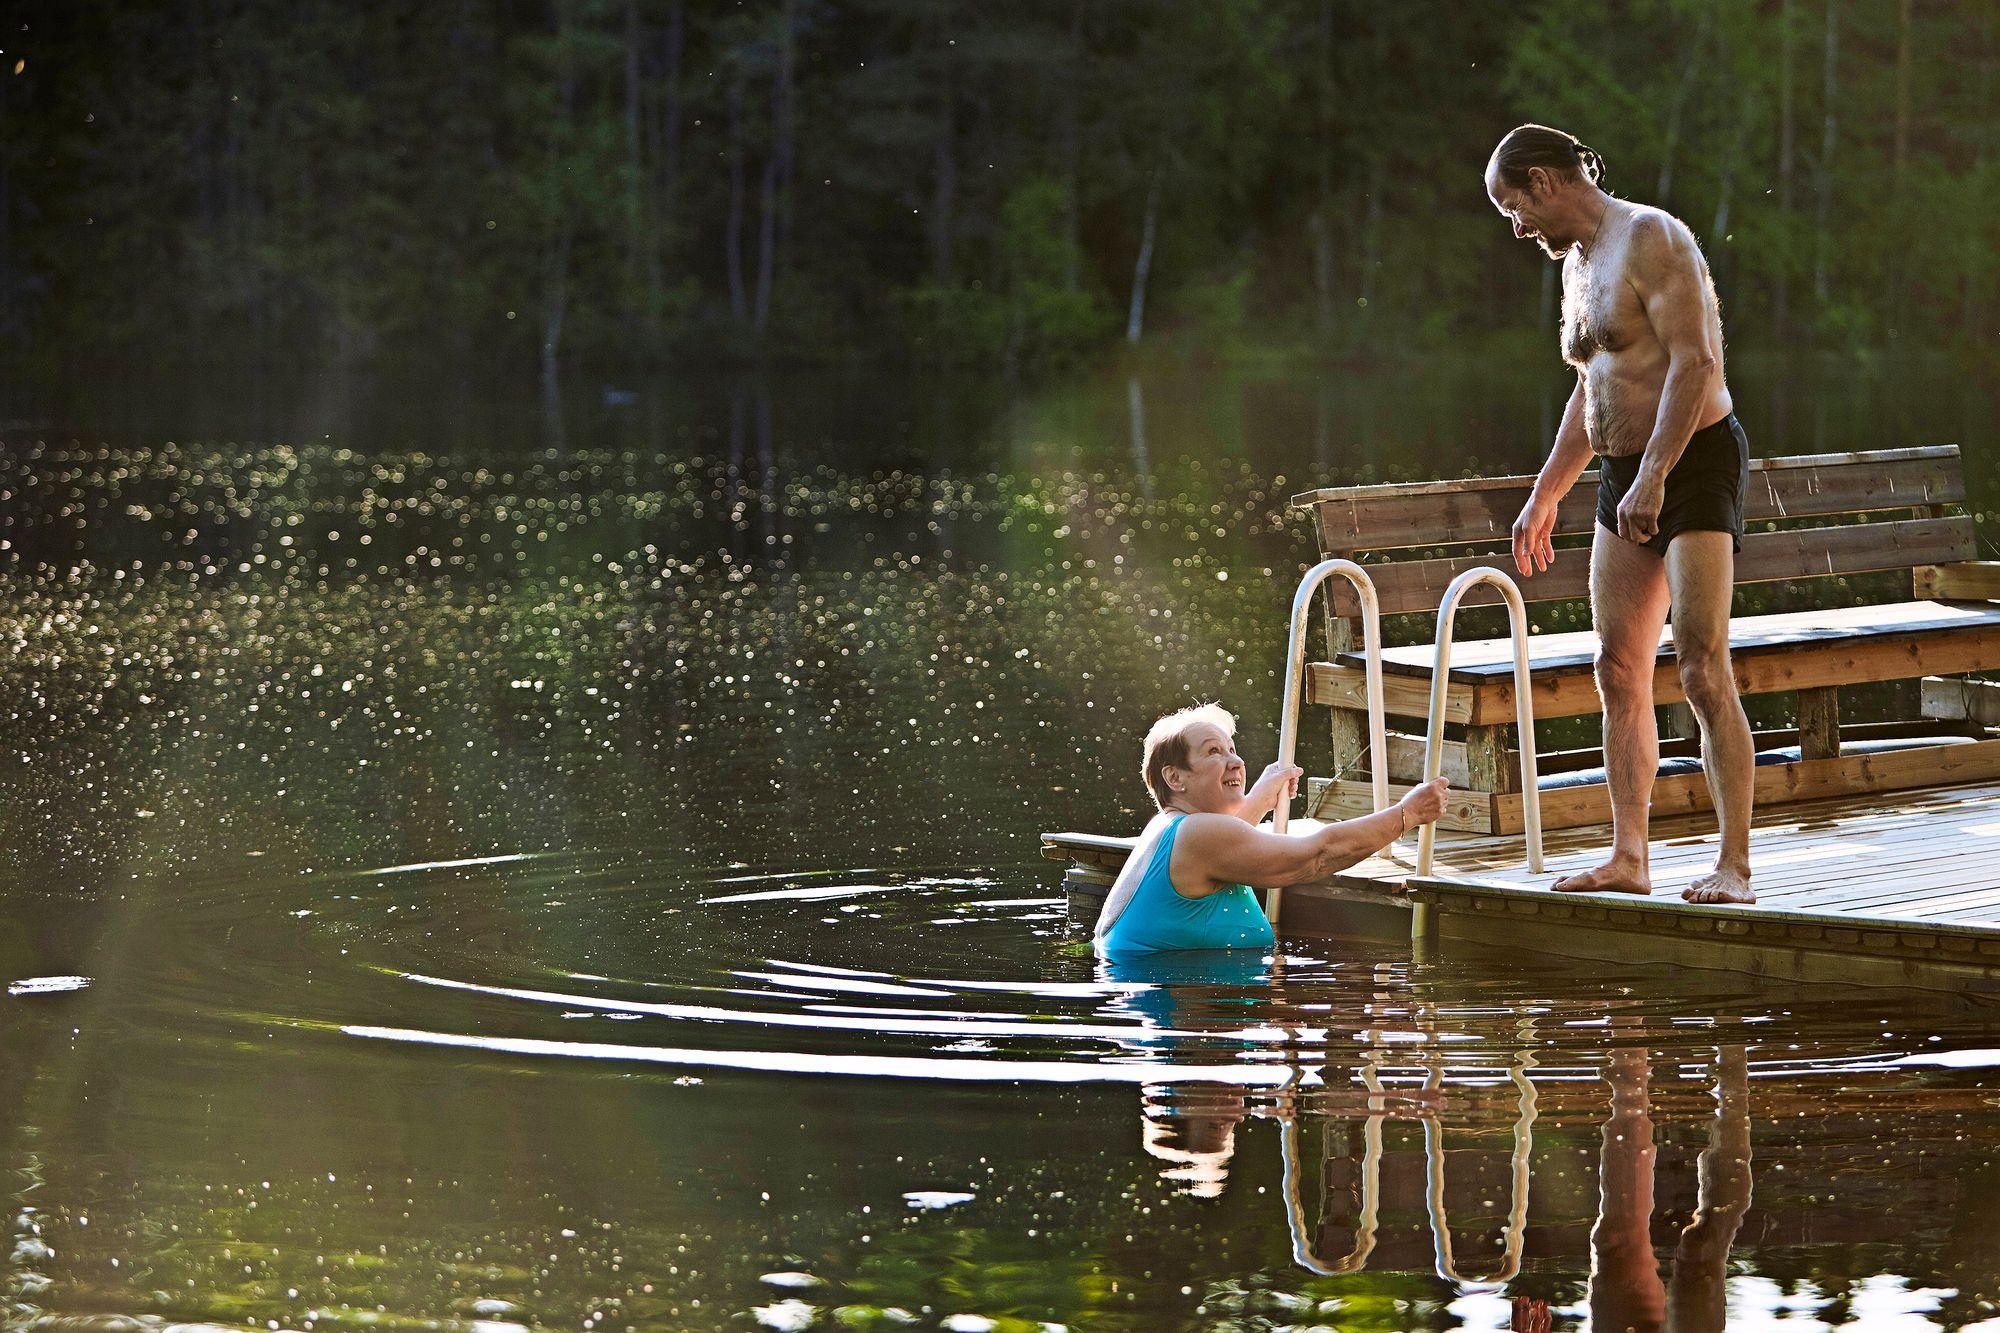 """Rakkaus poiki uusia harrastuksia. Riitta ihastui Ossin myötä ulkoilumaja Taivalpirttiin Iso-Riutta-järven rannalla Lempäälässä. """"Kuuluu vain pikkulintujen laulu ja kaakkurin huudot."""" © Sara Pihlaja"""